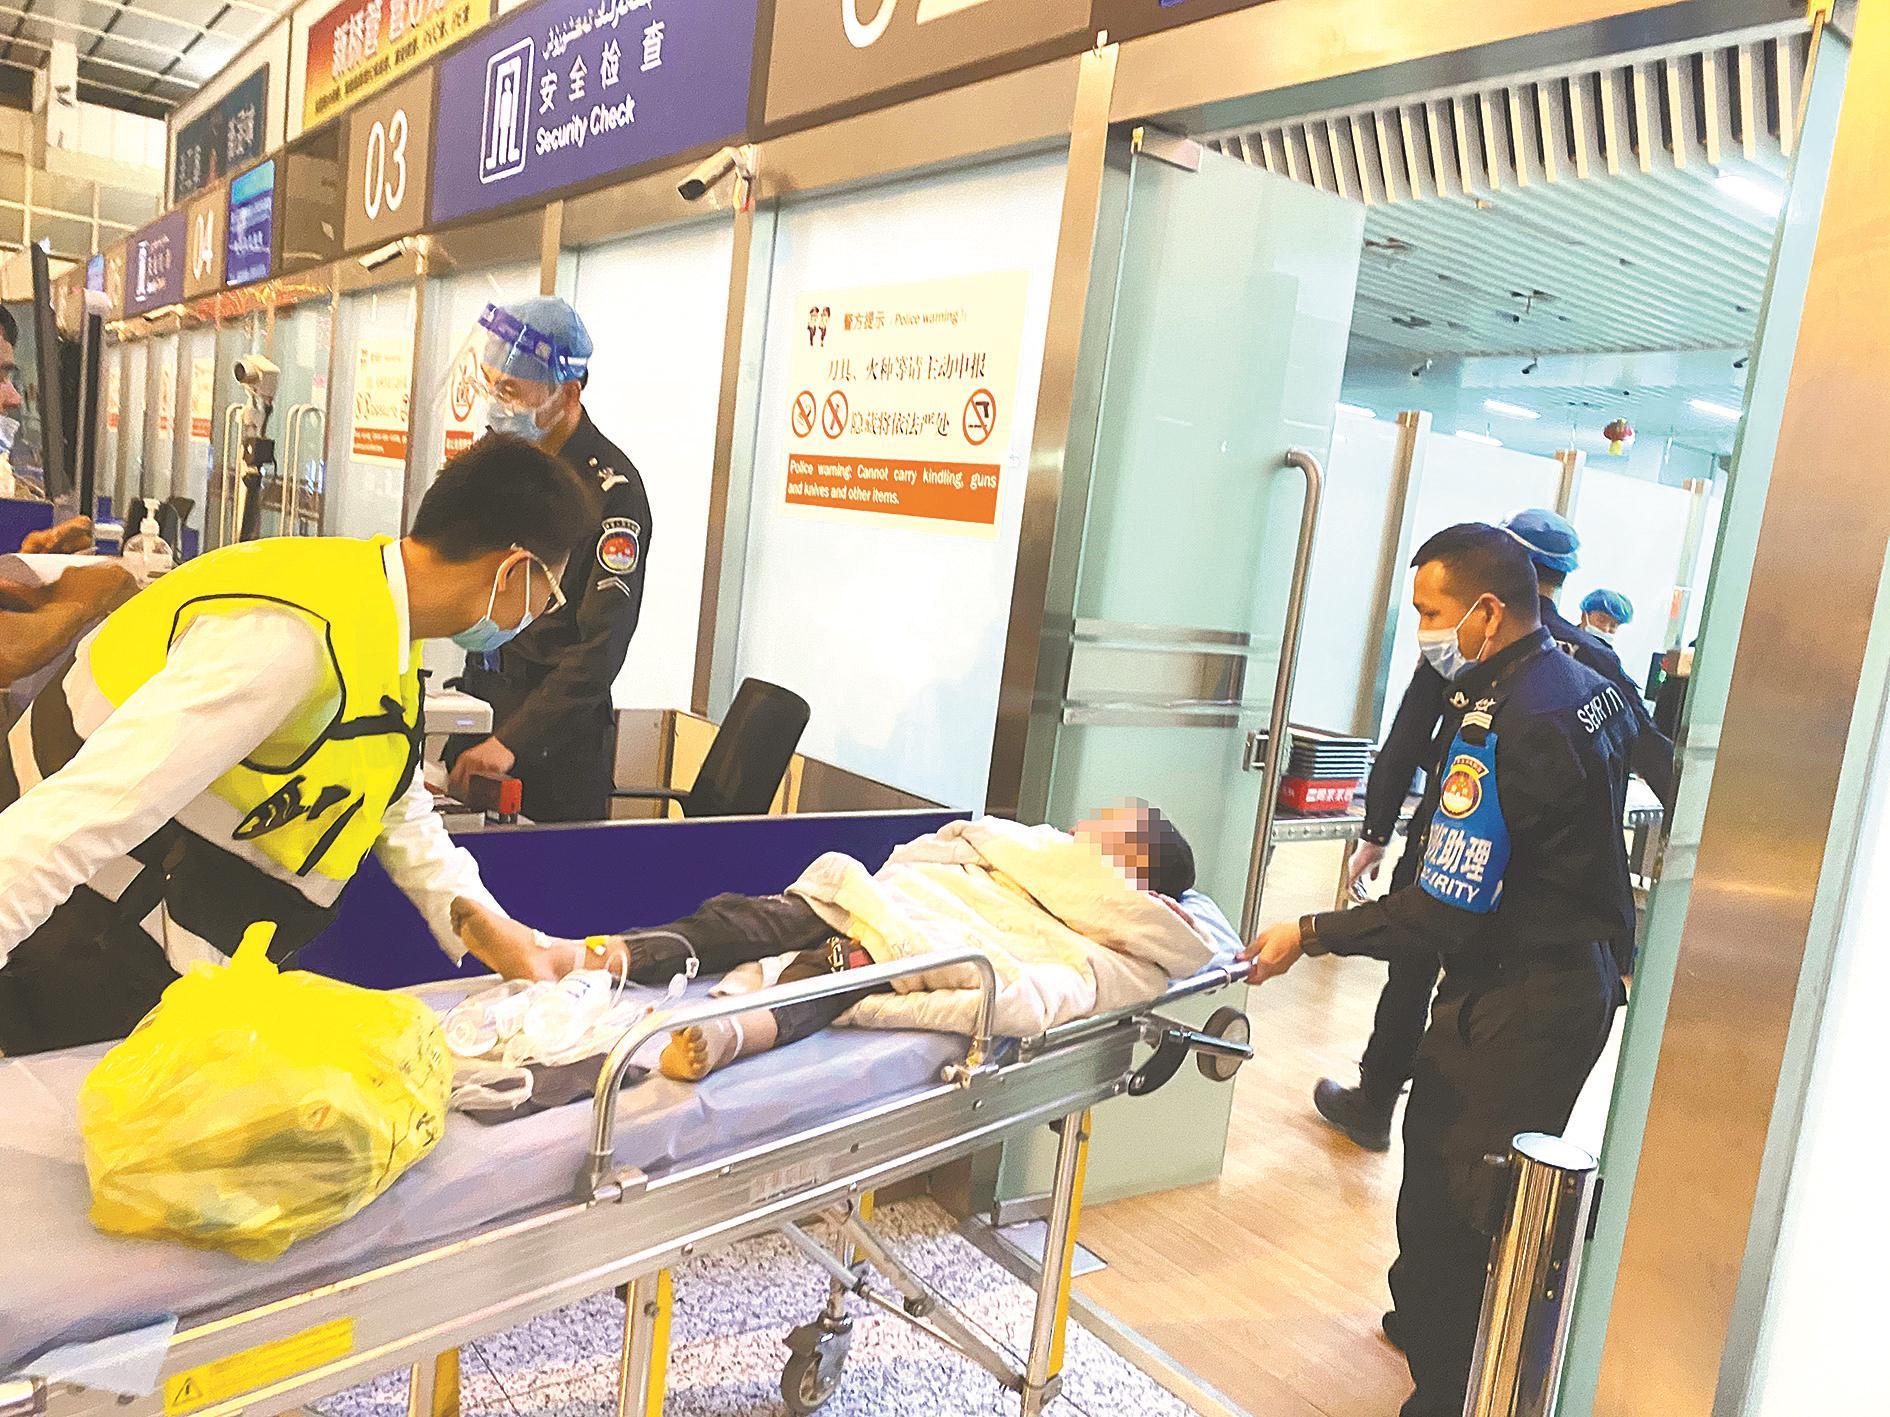 为送新疆断臂男孩紧急就医 末班航班临飞前返回廊桥再开舱门